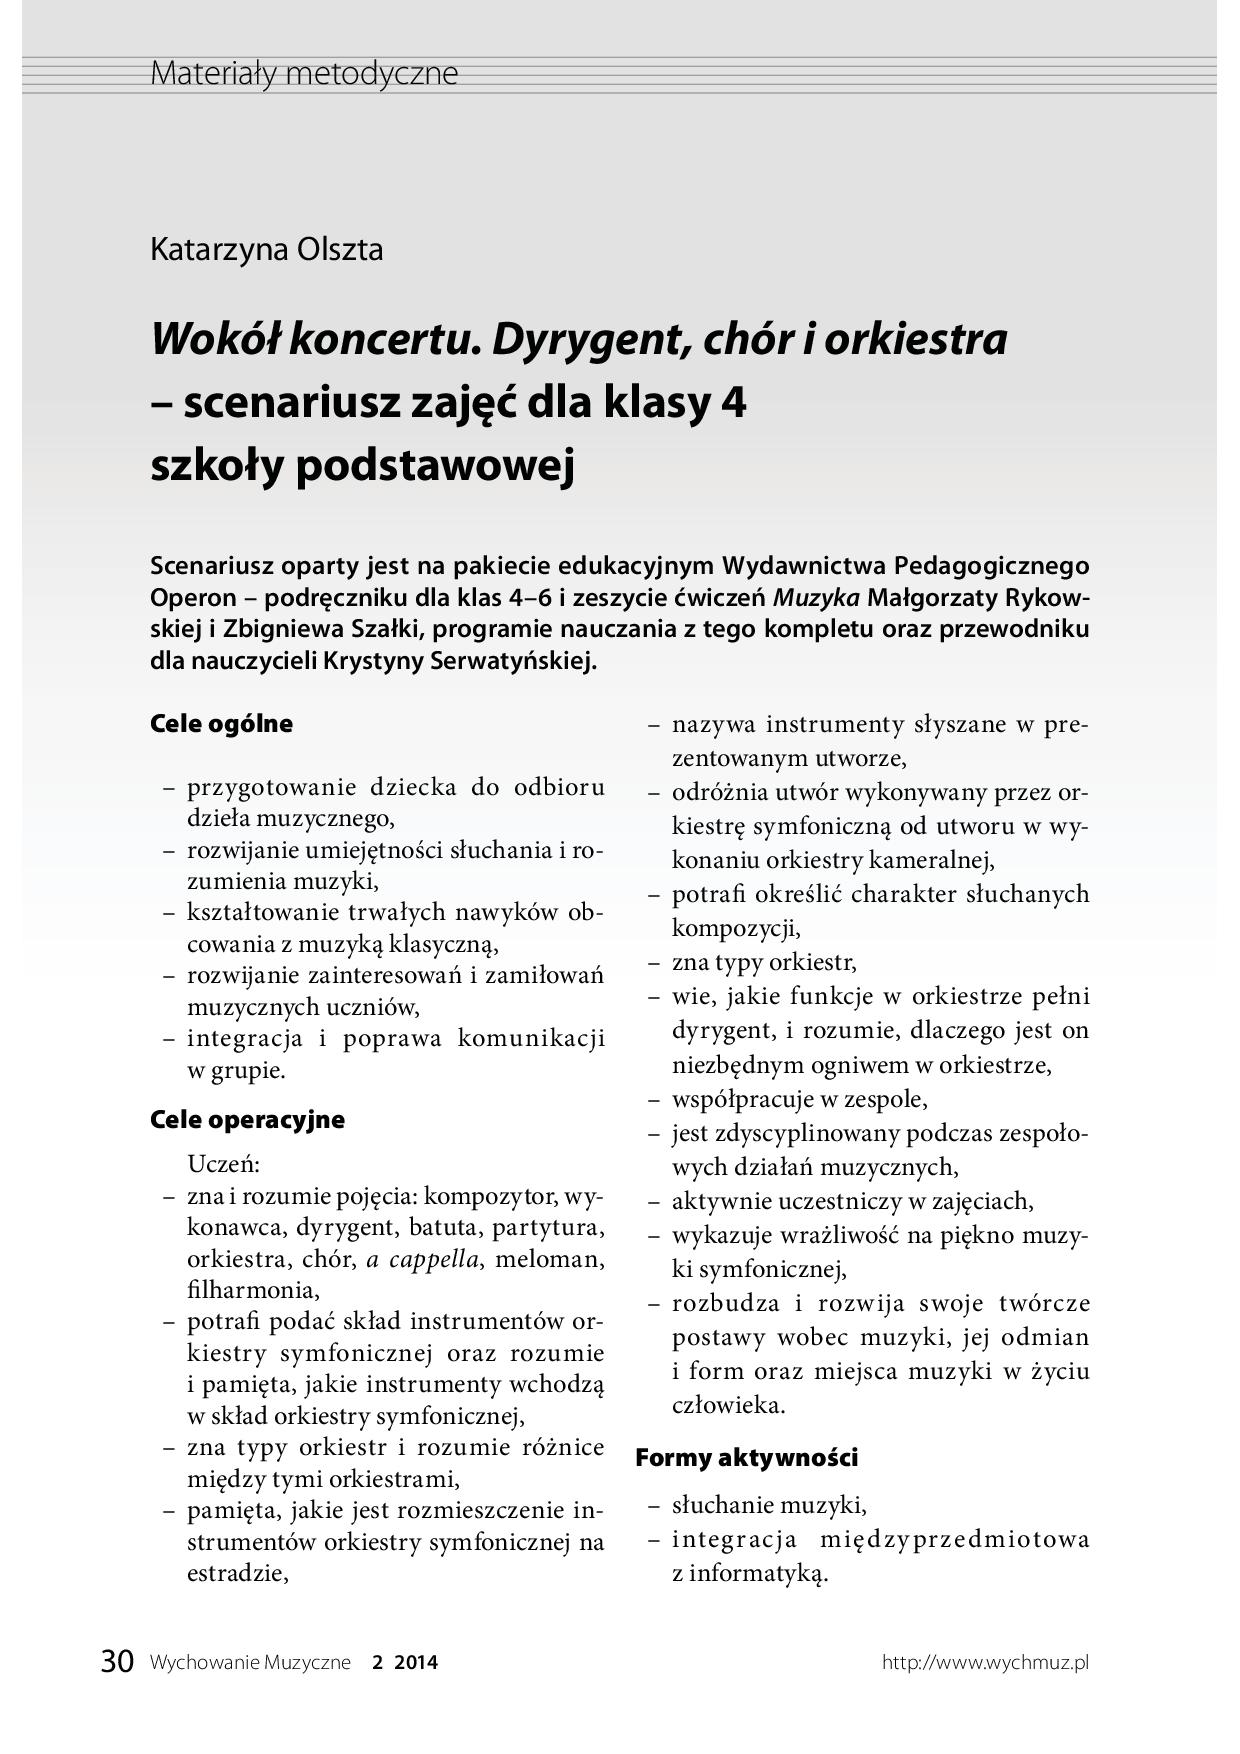 Wokół koncertu. Dyrygent, chór i orkiestra – scenariusz zajęć dla klasy IV SP